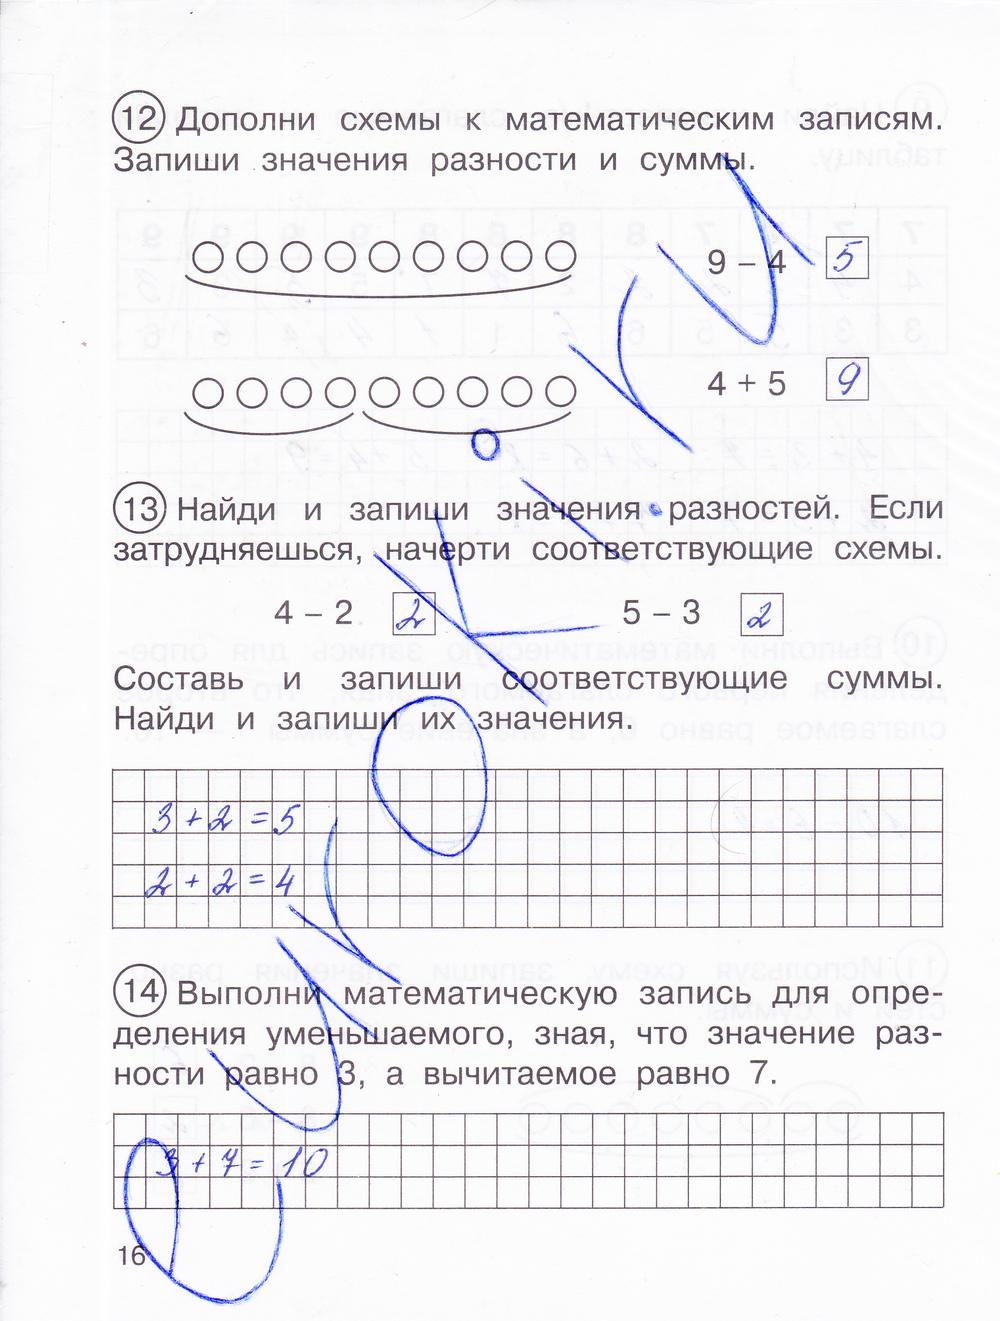 Гдз По Математике 1 Класс Рабочая Тетрадь Захарова И Юдина